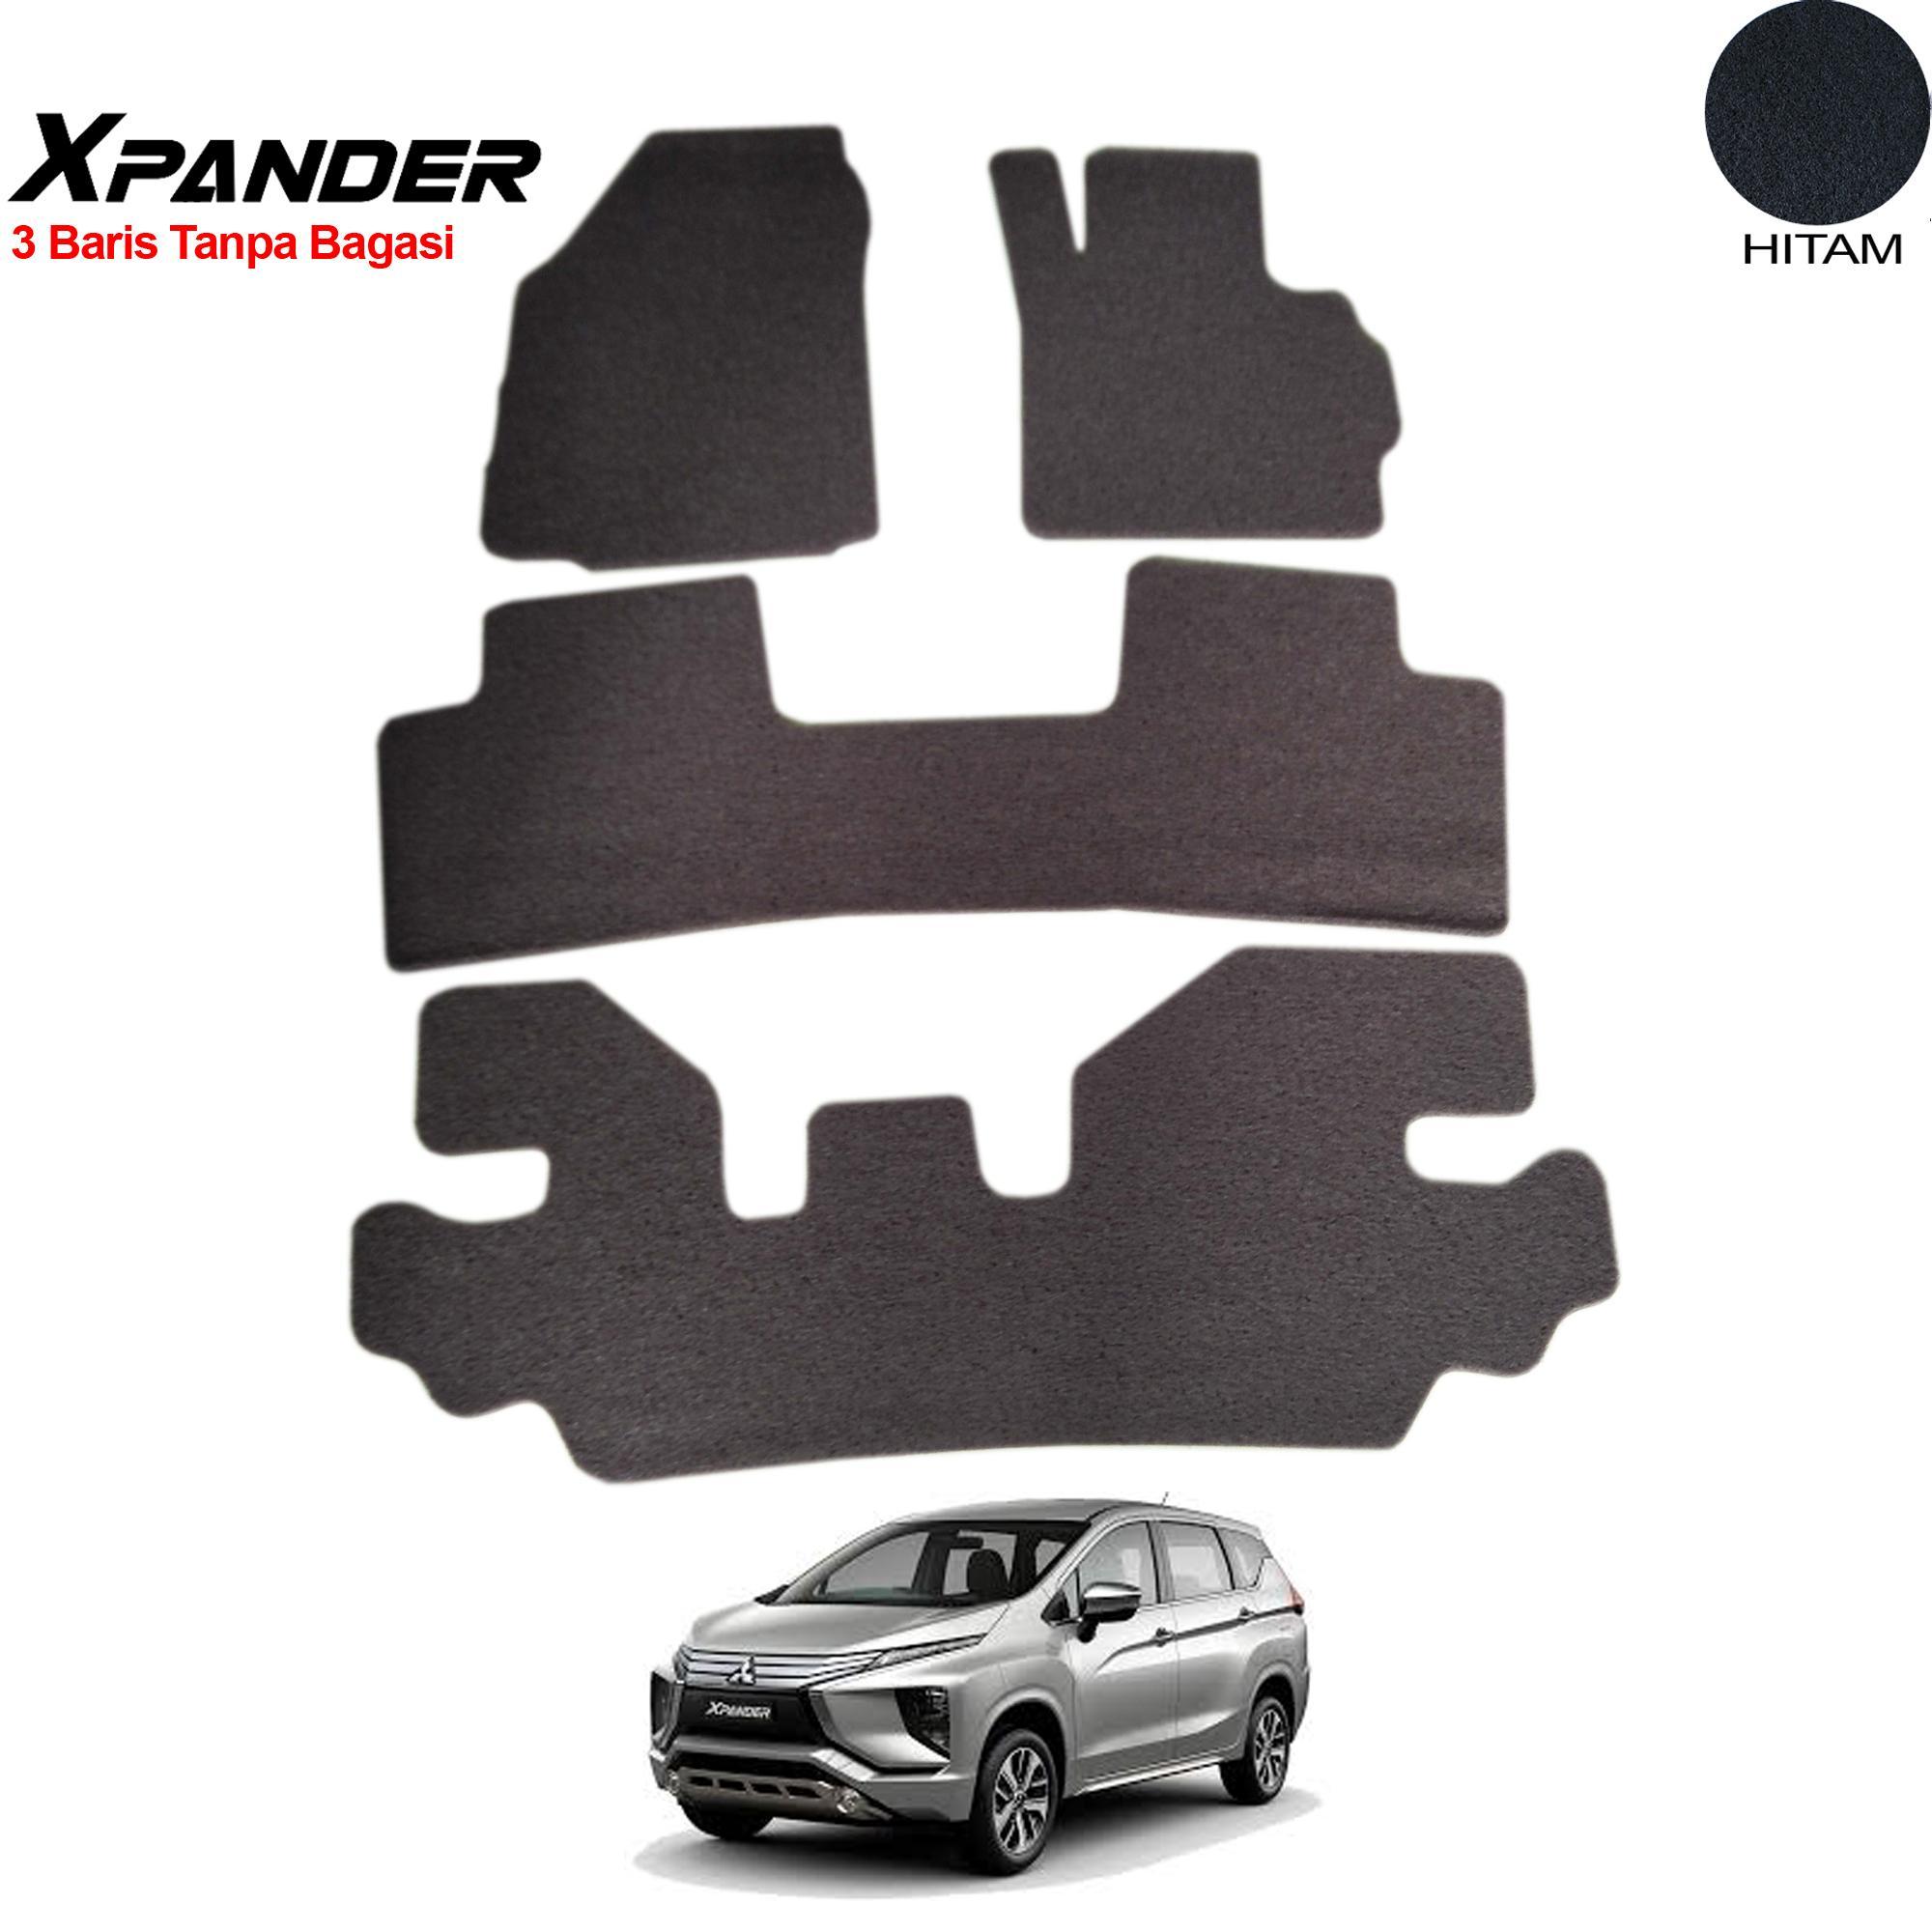 Karmob / Karpet Mobil Mie Xpander / Aksesoris Mobil / Karpet Karet Xpander / Karpet Lantai